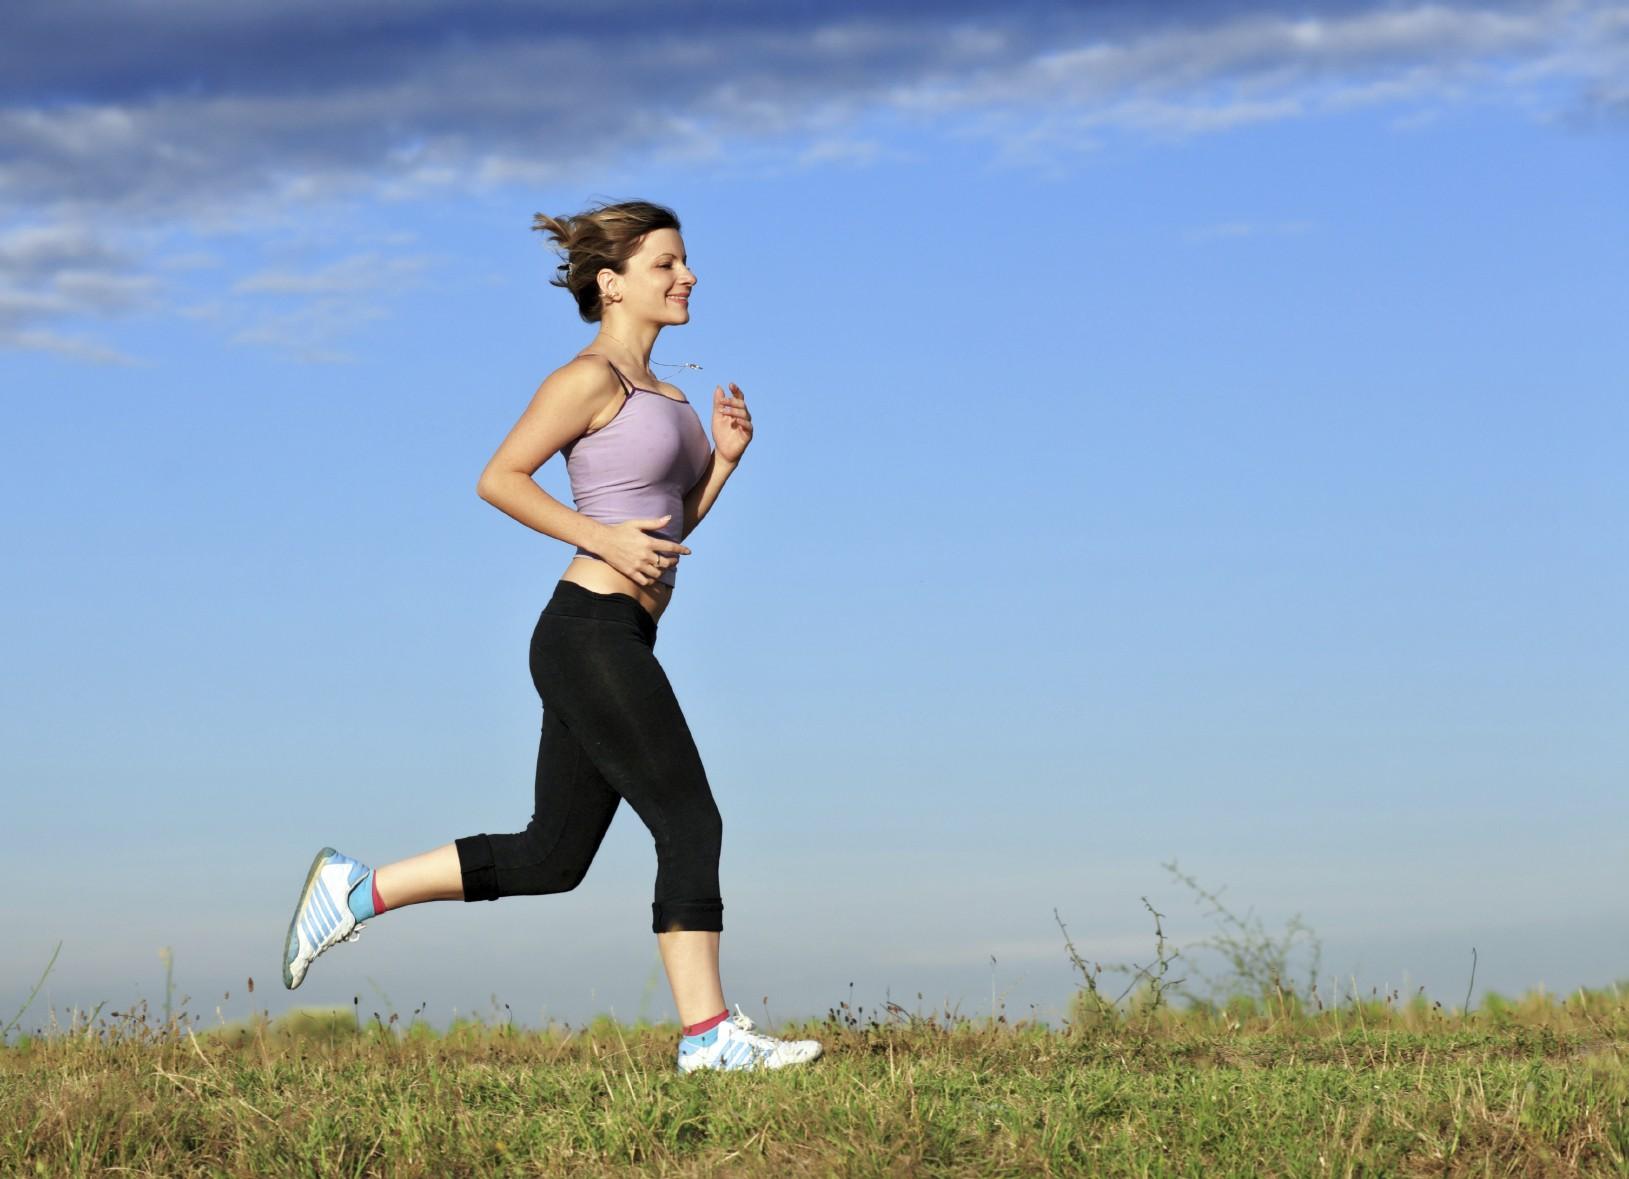 milyen sportot érdemes jobban gyakorolni a magas vérnyomással)